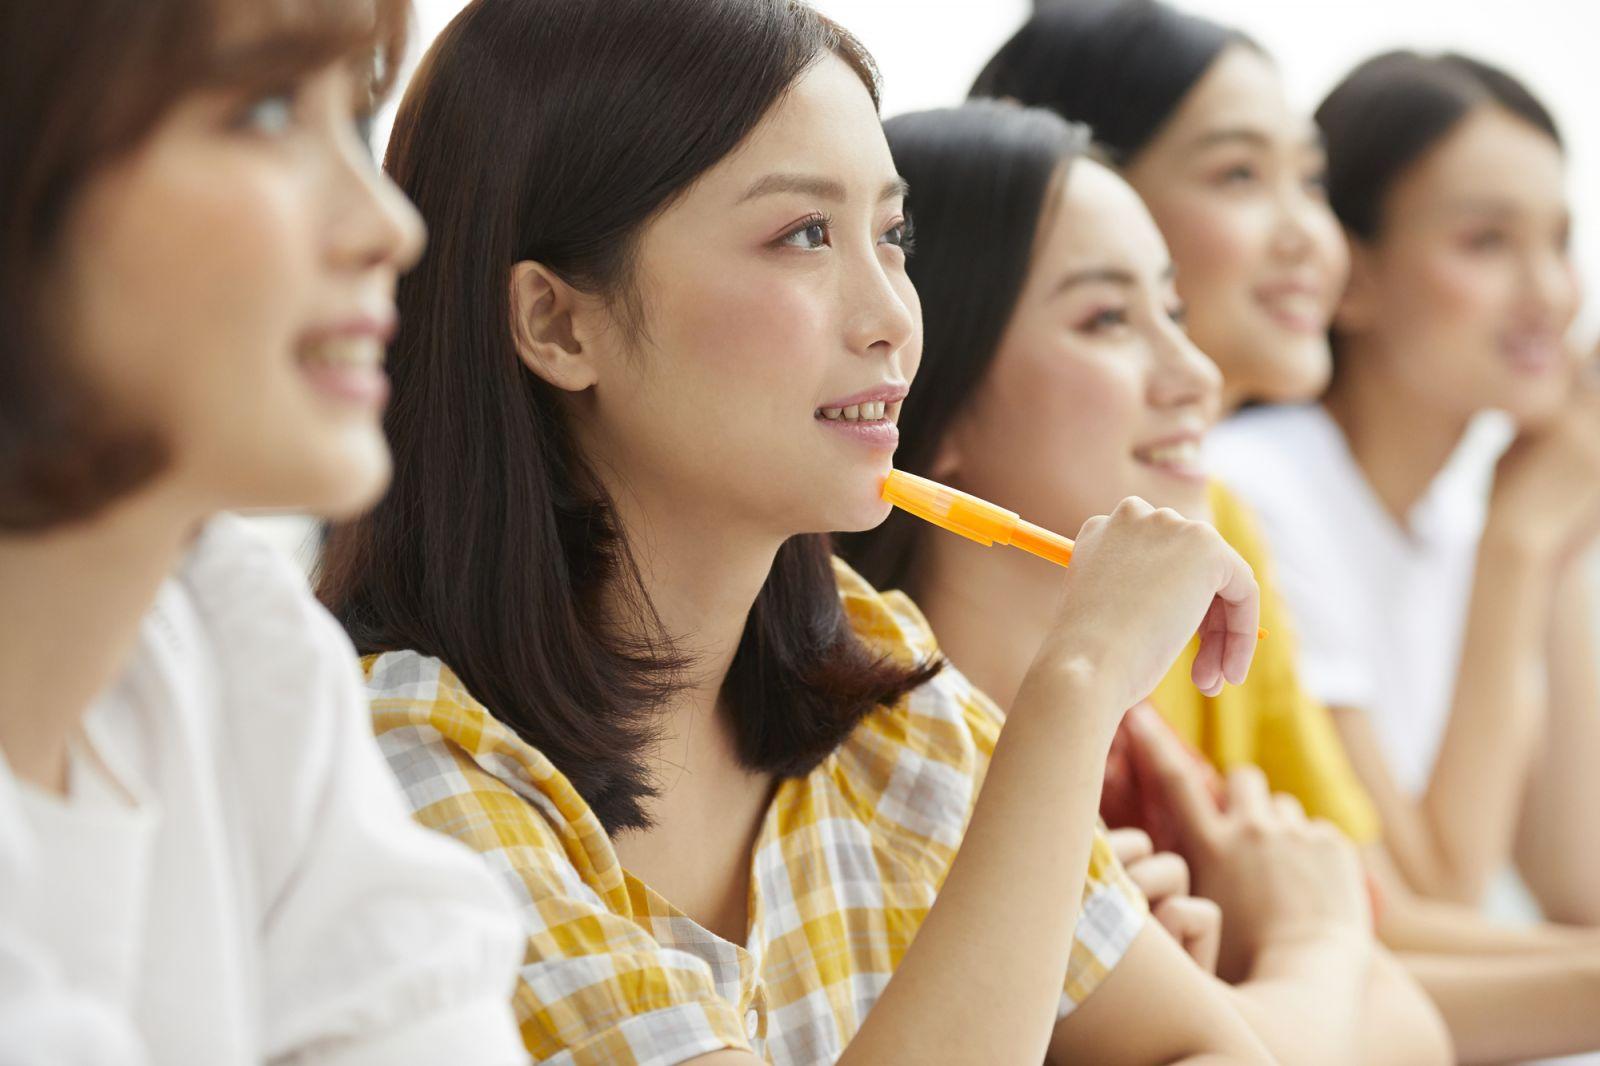 目指す職業に必要な知識・技能を習得できる実習が充実